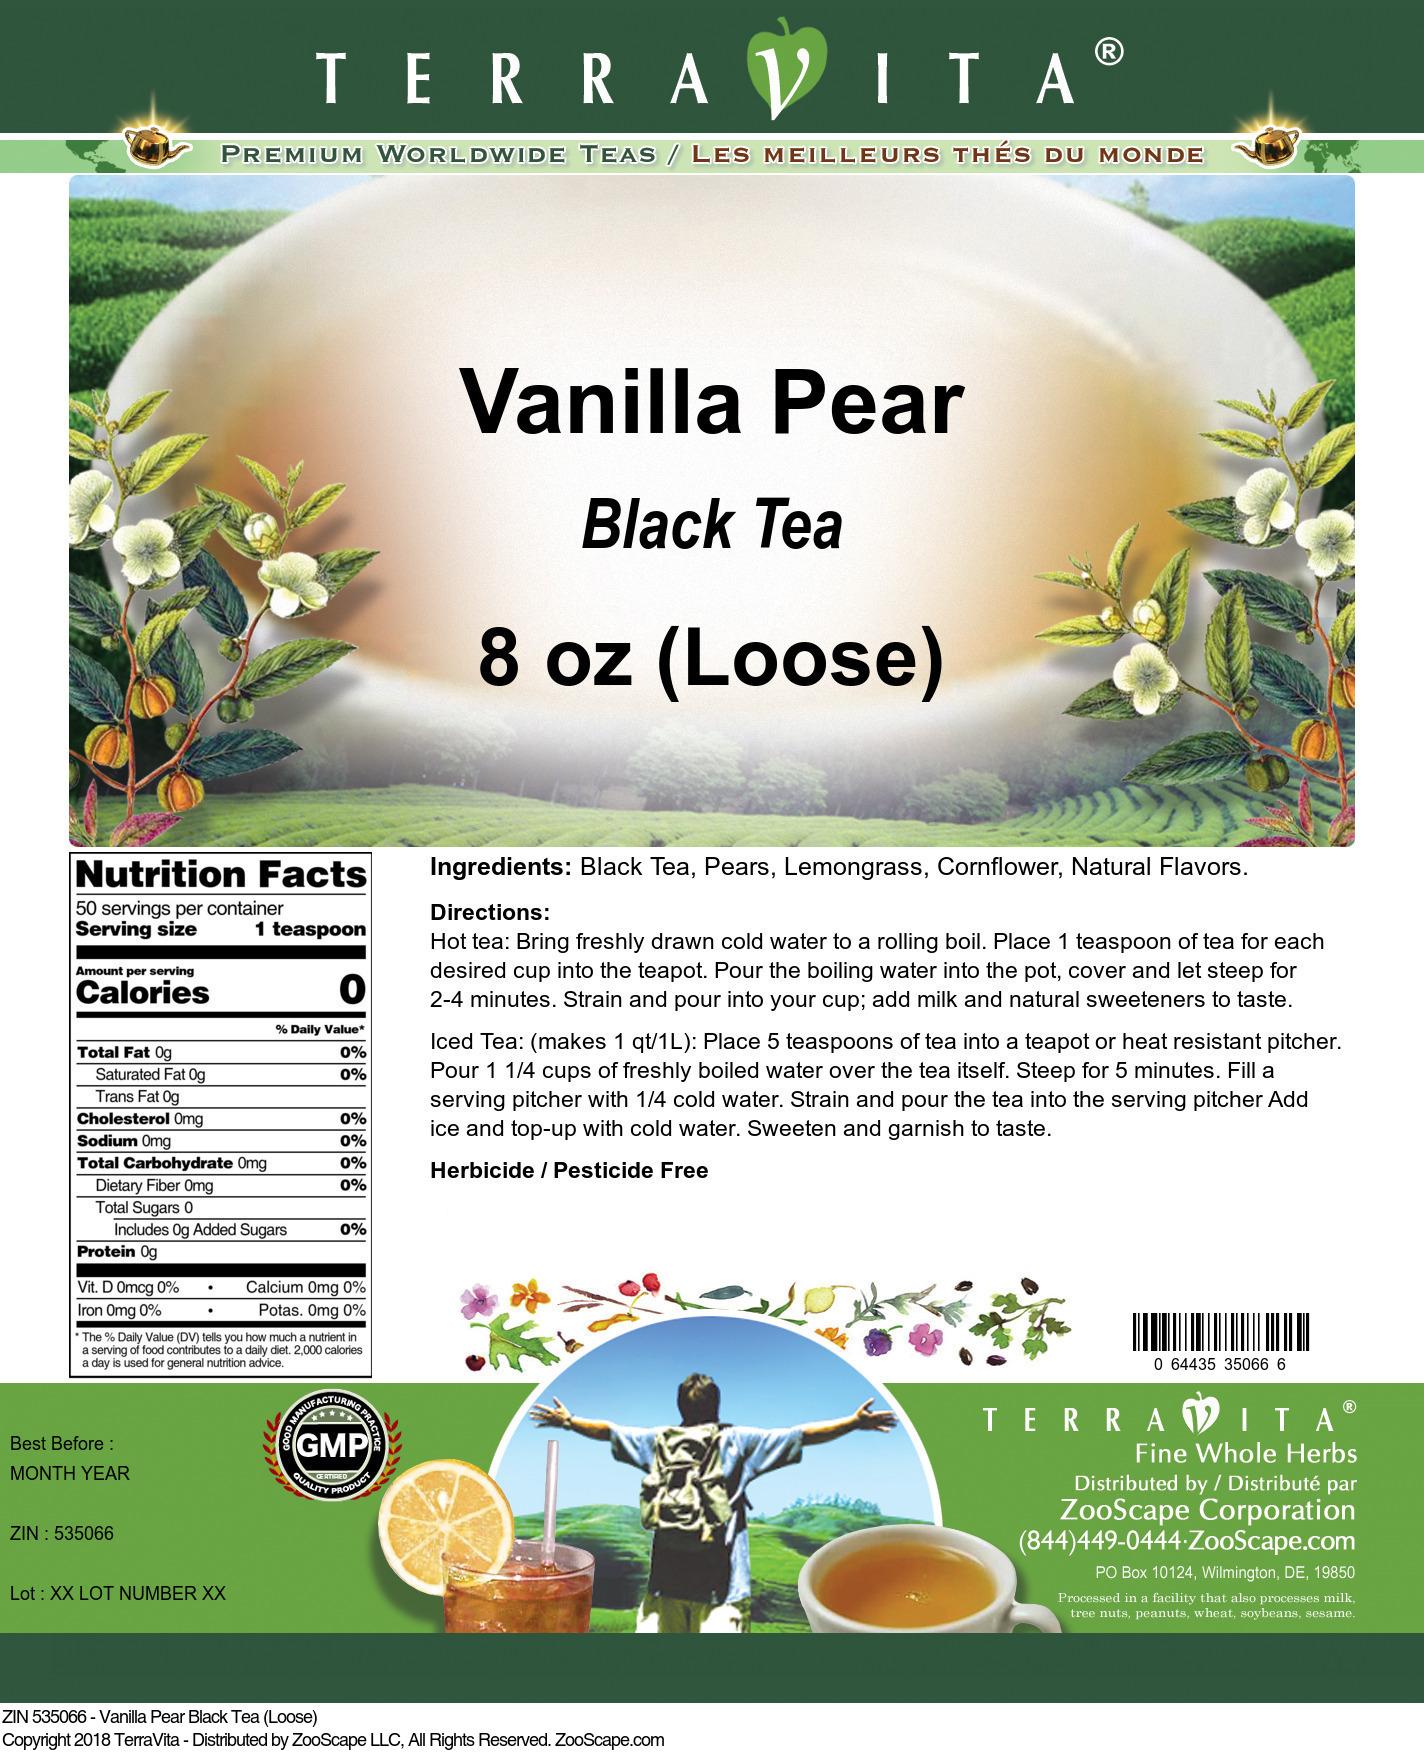 Vanilla Pear Black Tea (Loose)